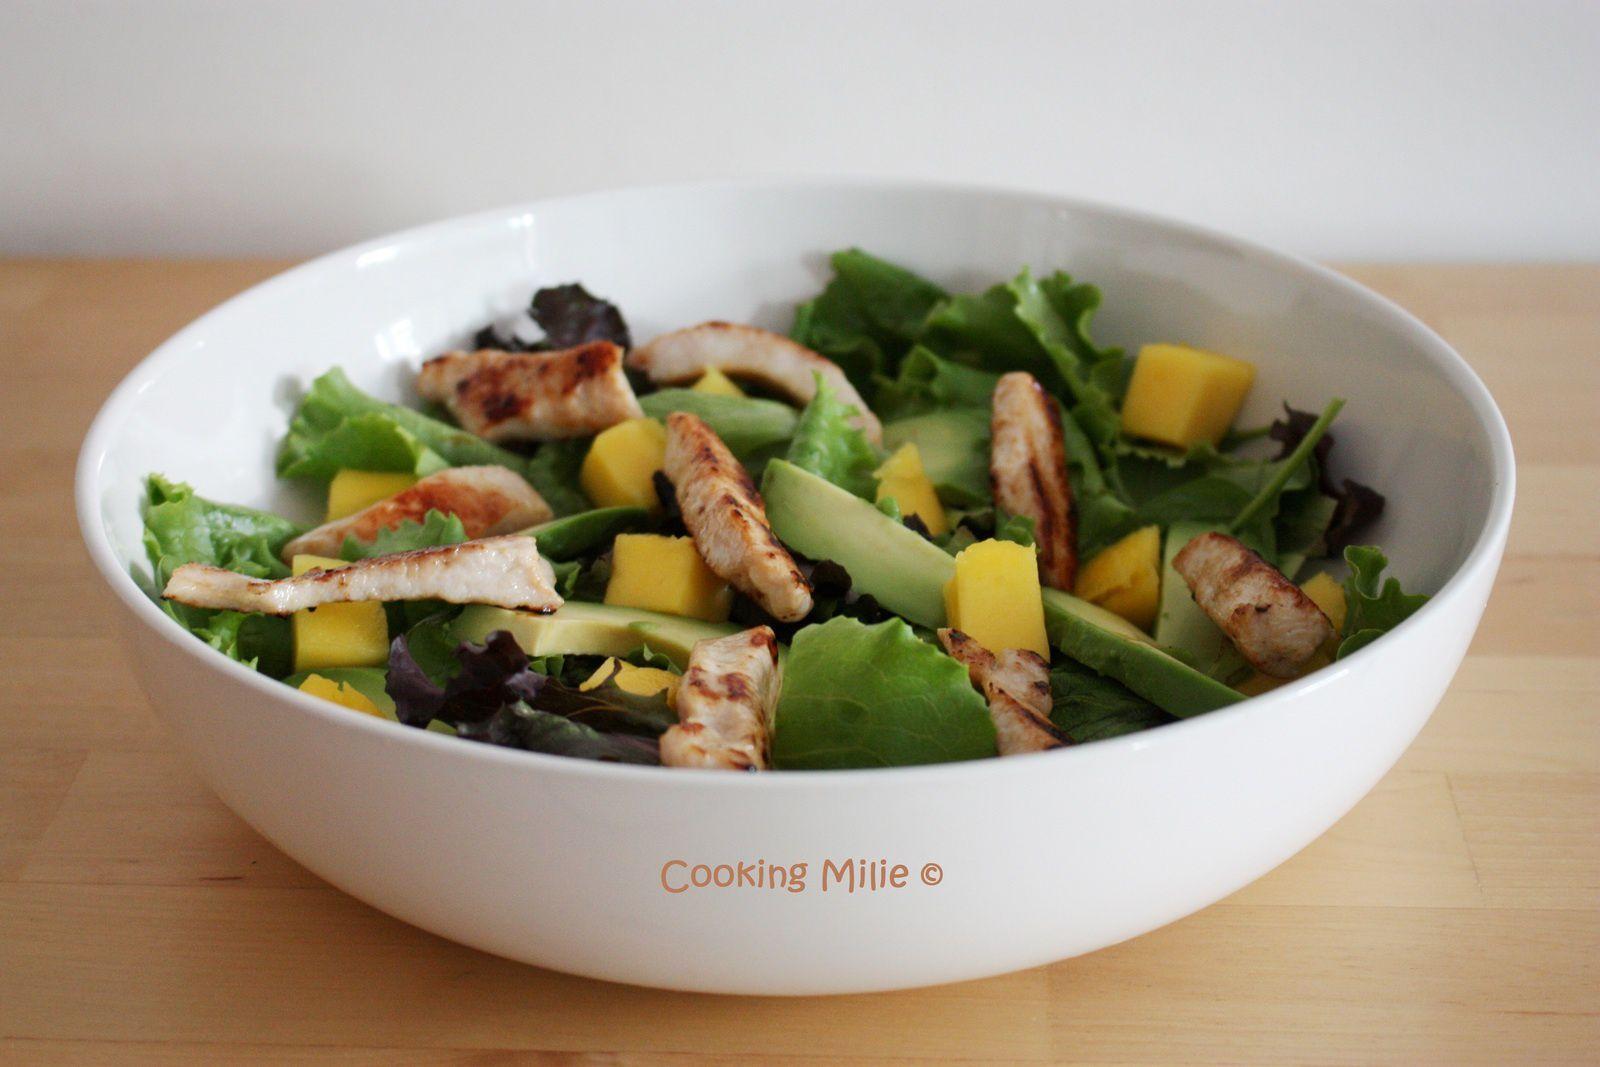 salade d 39 avocat la mangue et au poulet cooking milie. Black Bedroom Furniture Sets. Home Design Ideas